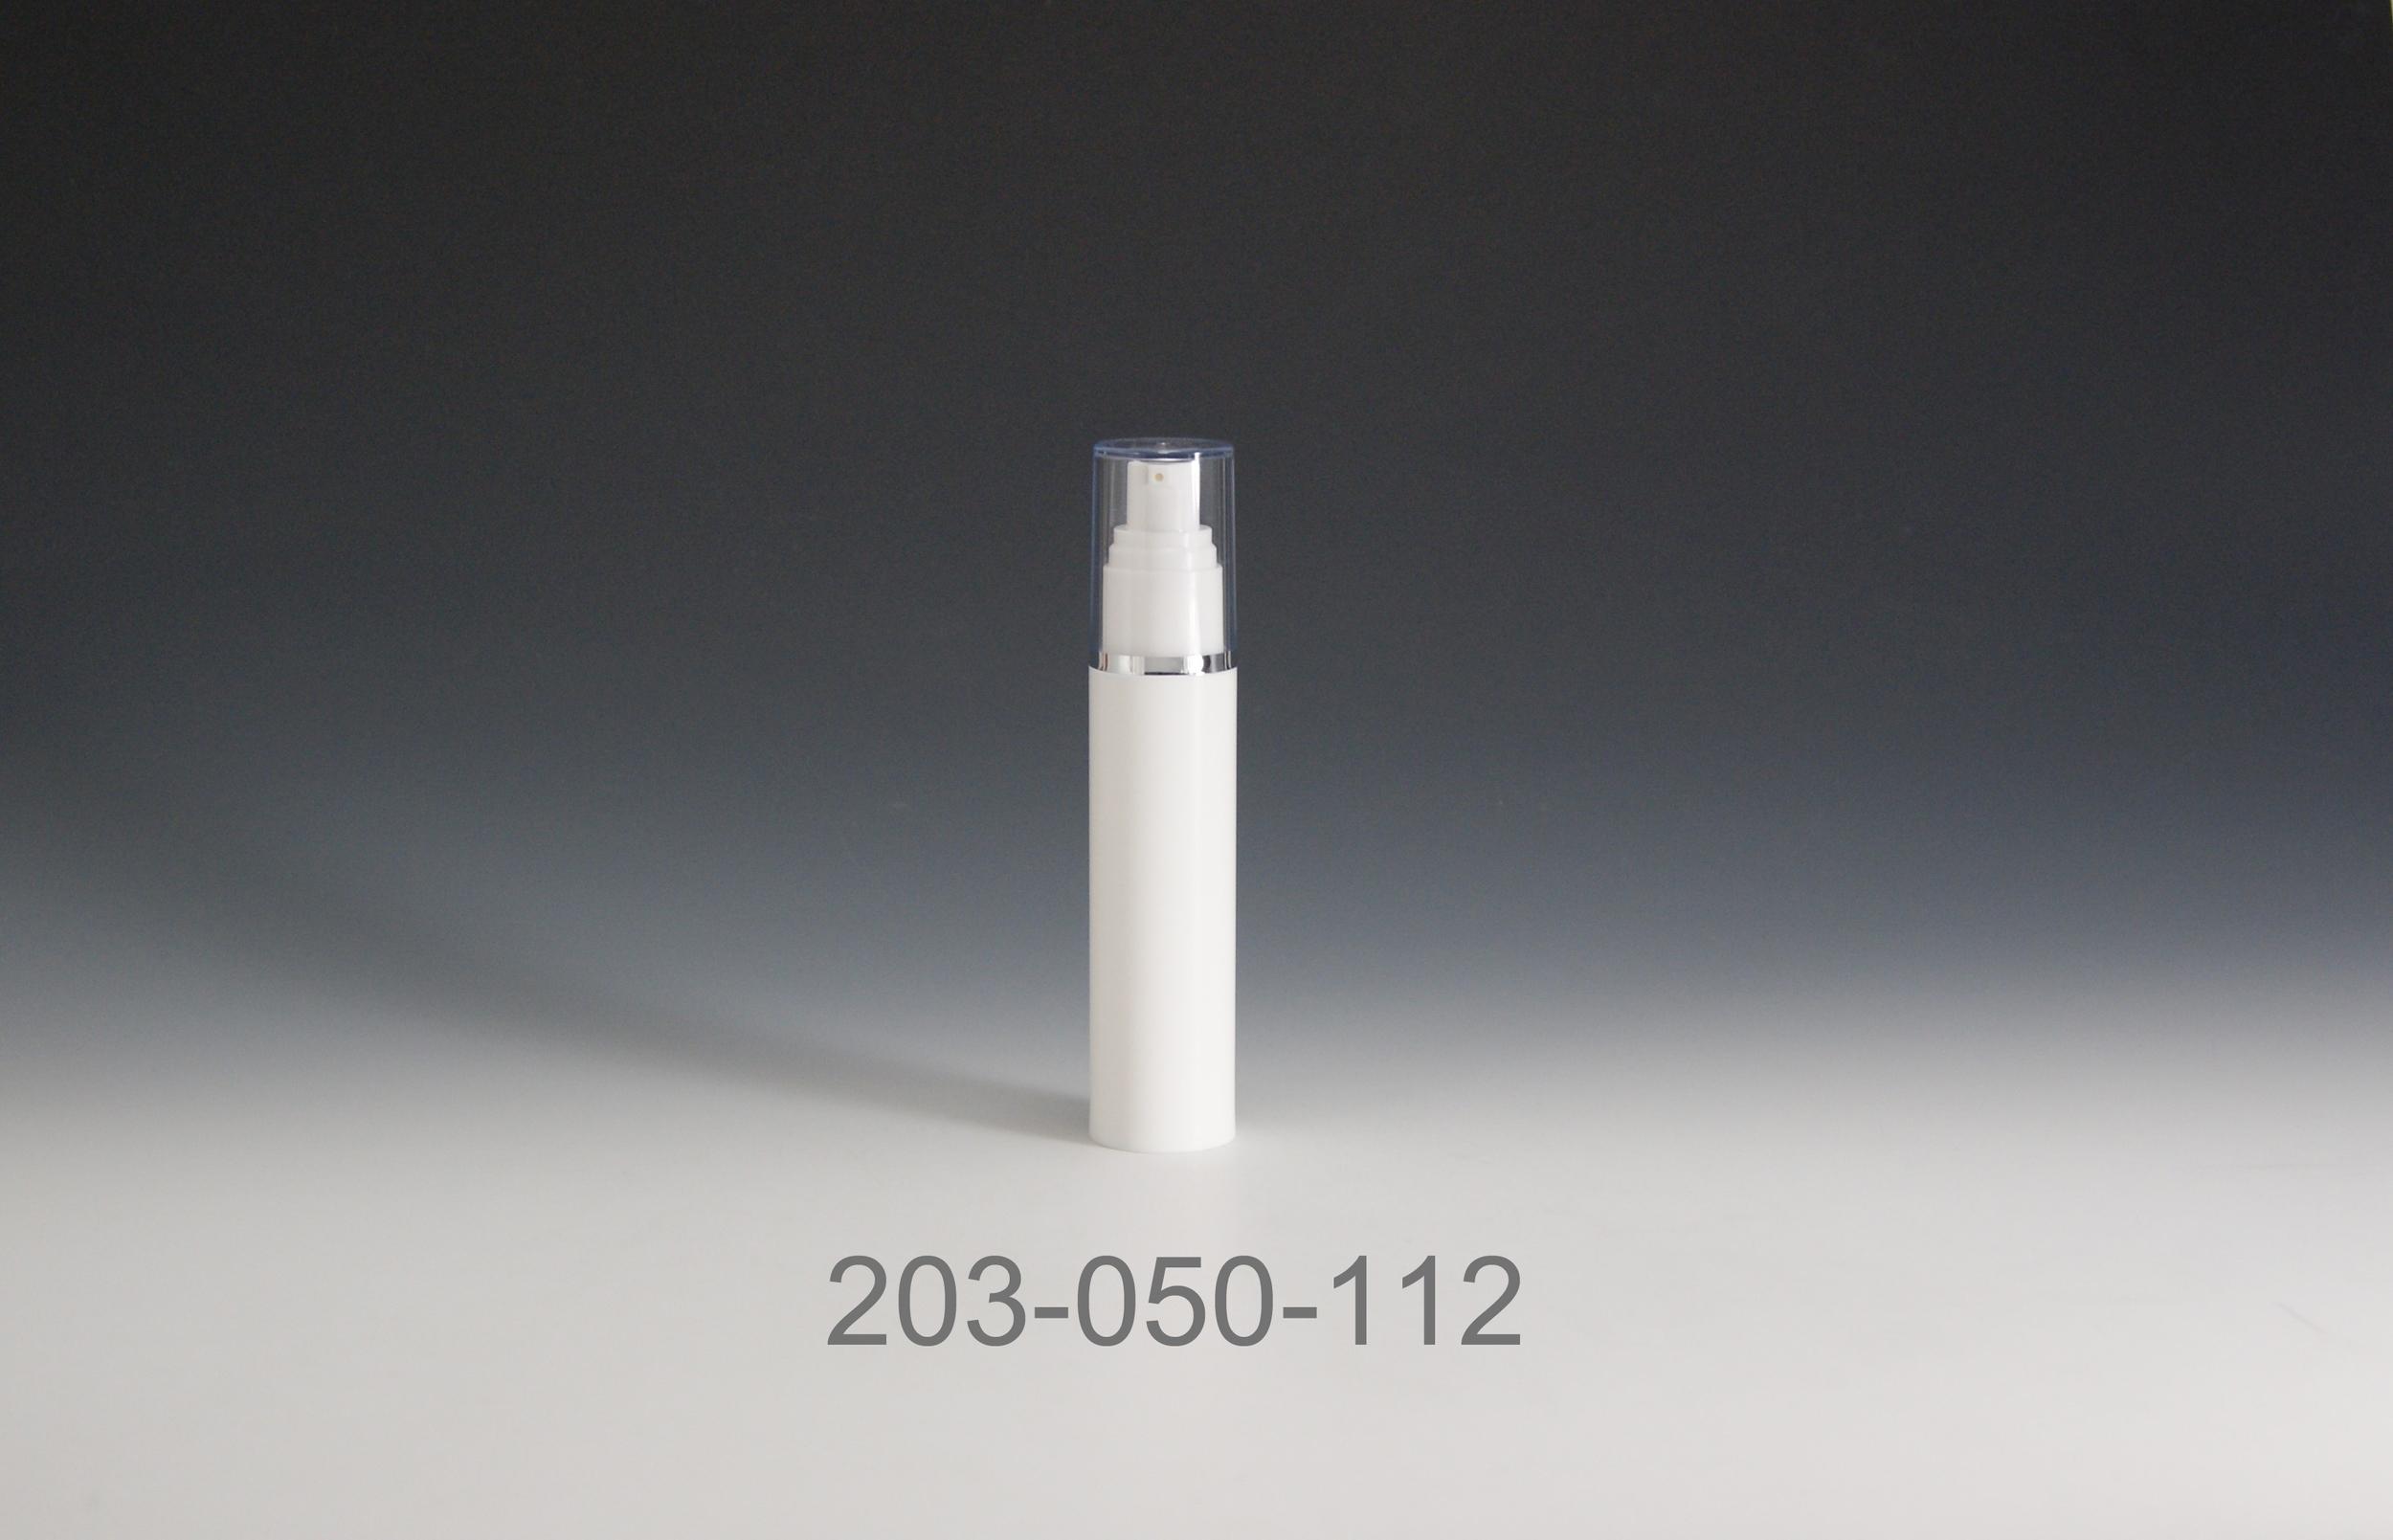 203-050-112.jpg